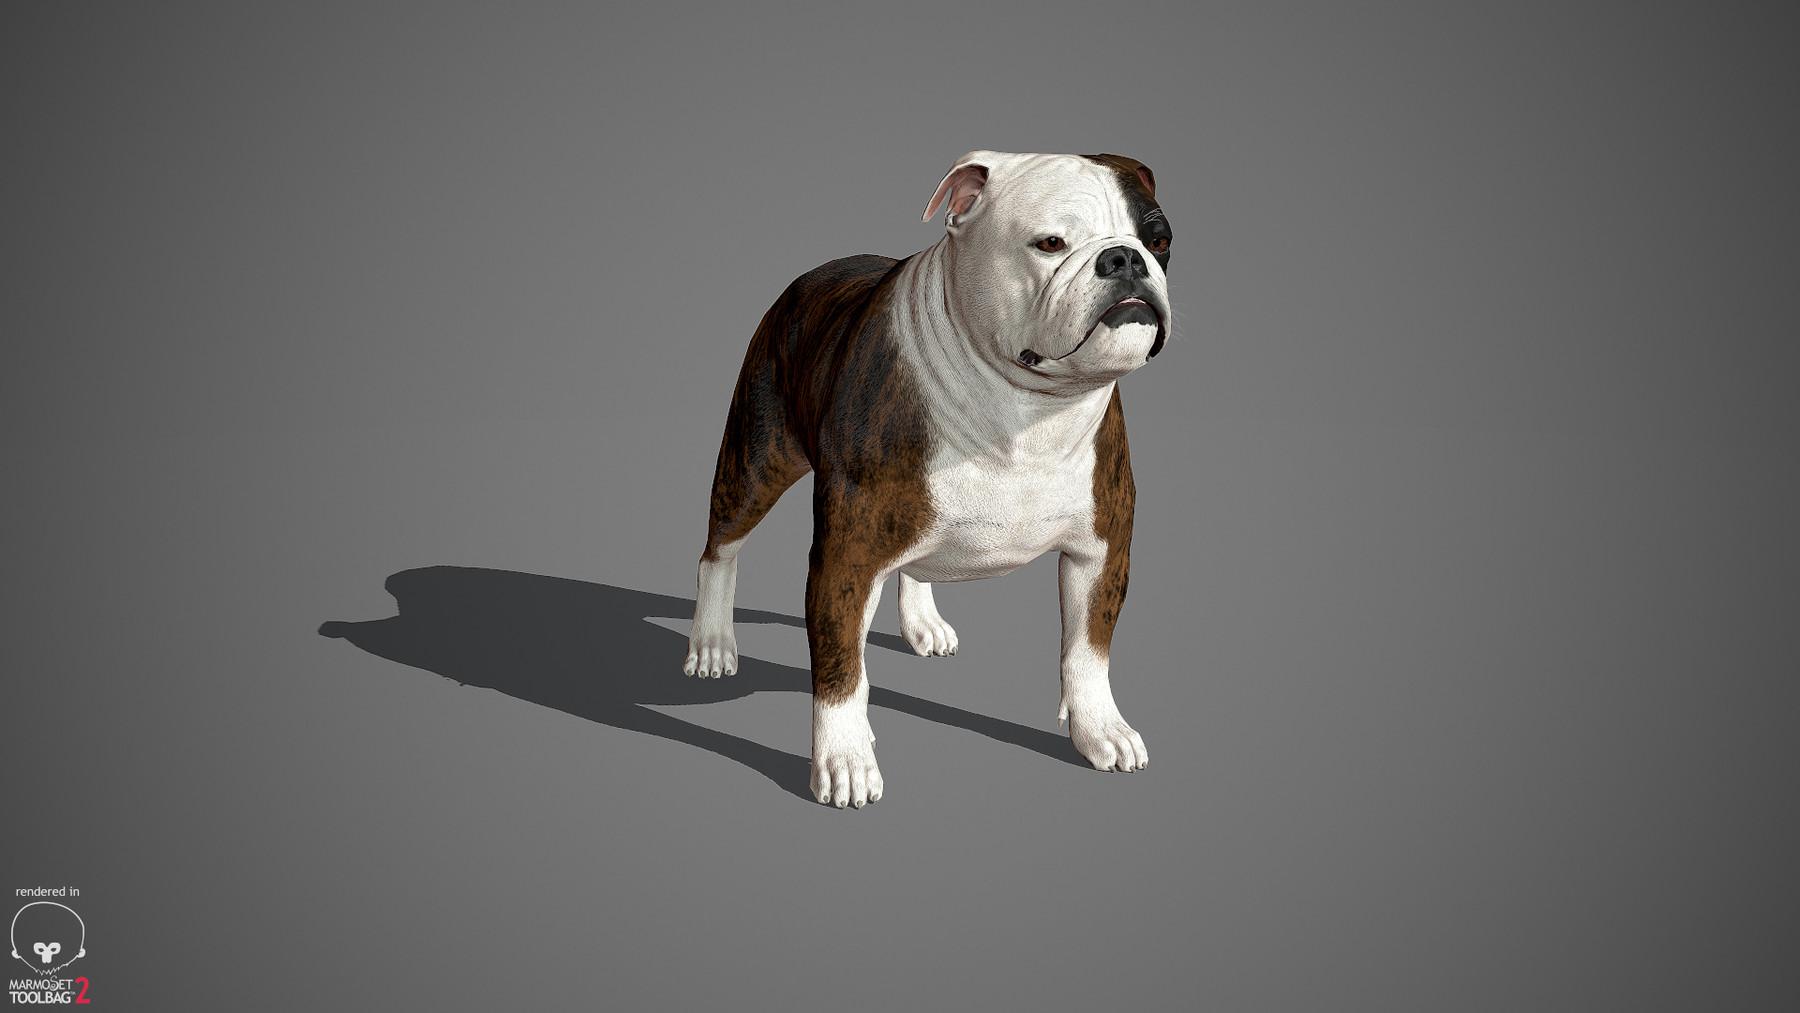 Englishbulldog by alexlashko marmoset 33